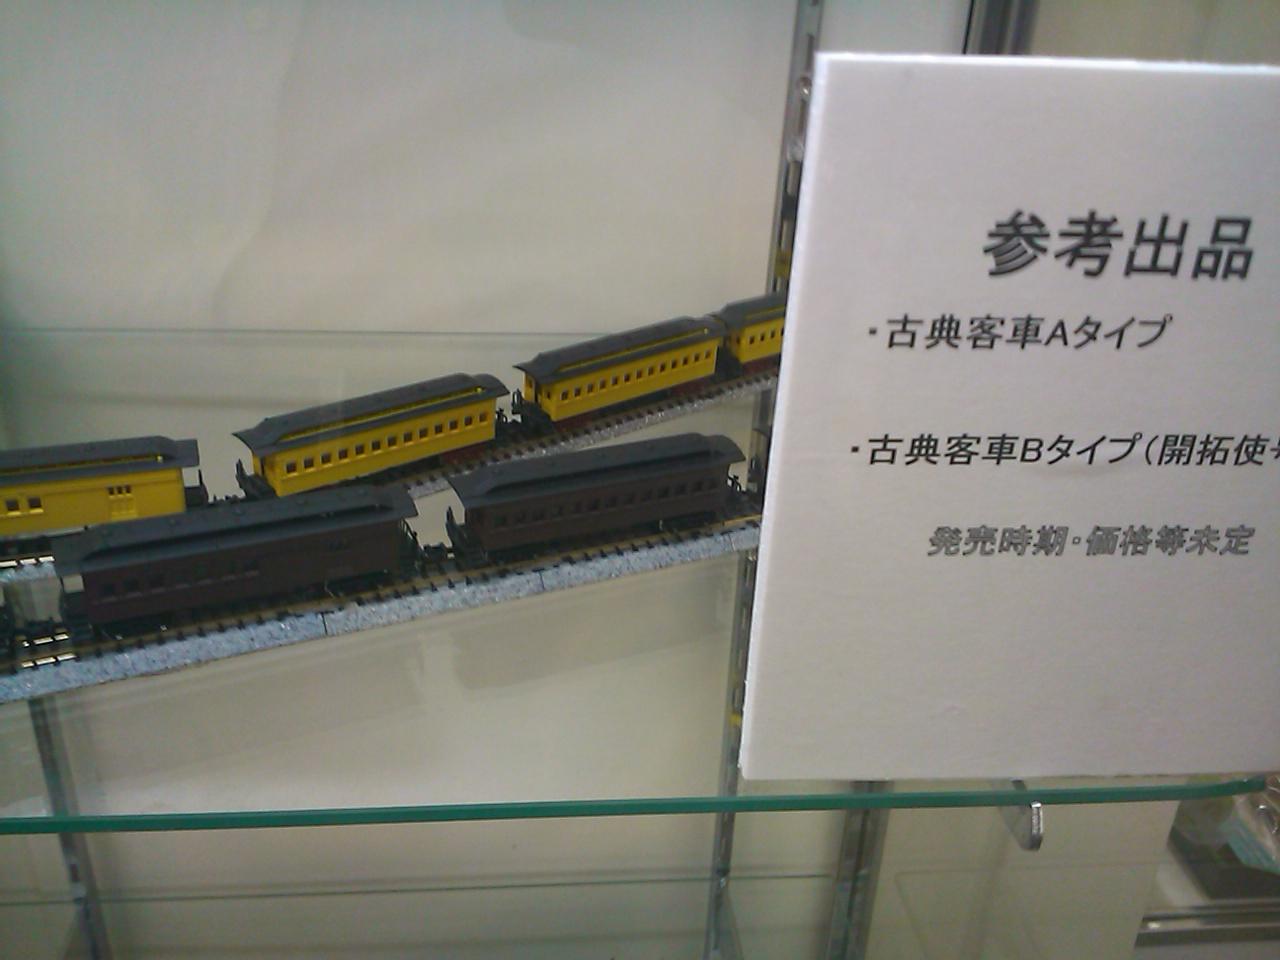 Sn3n0065